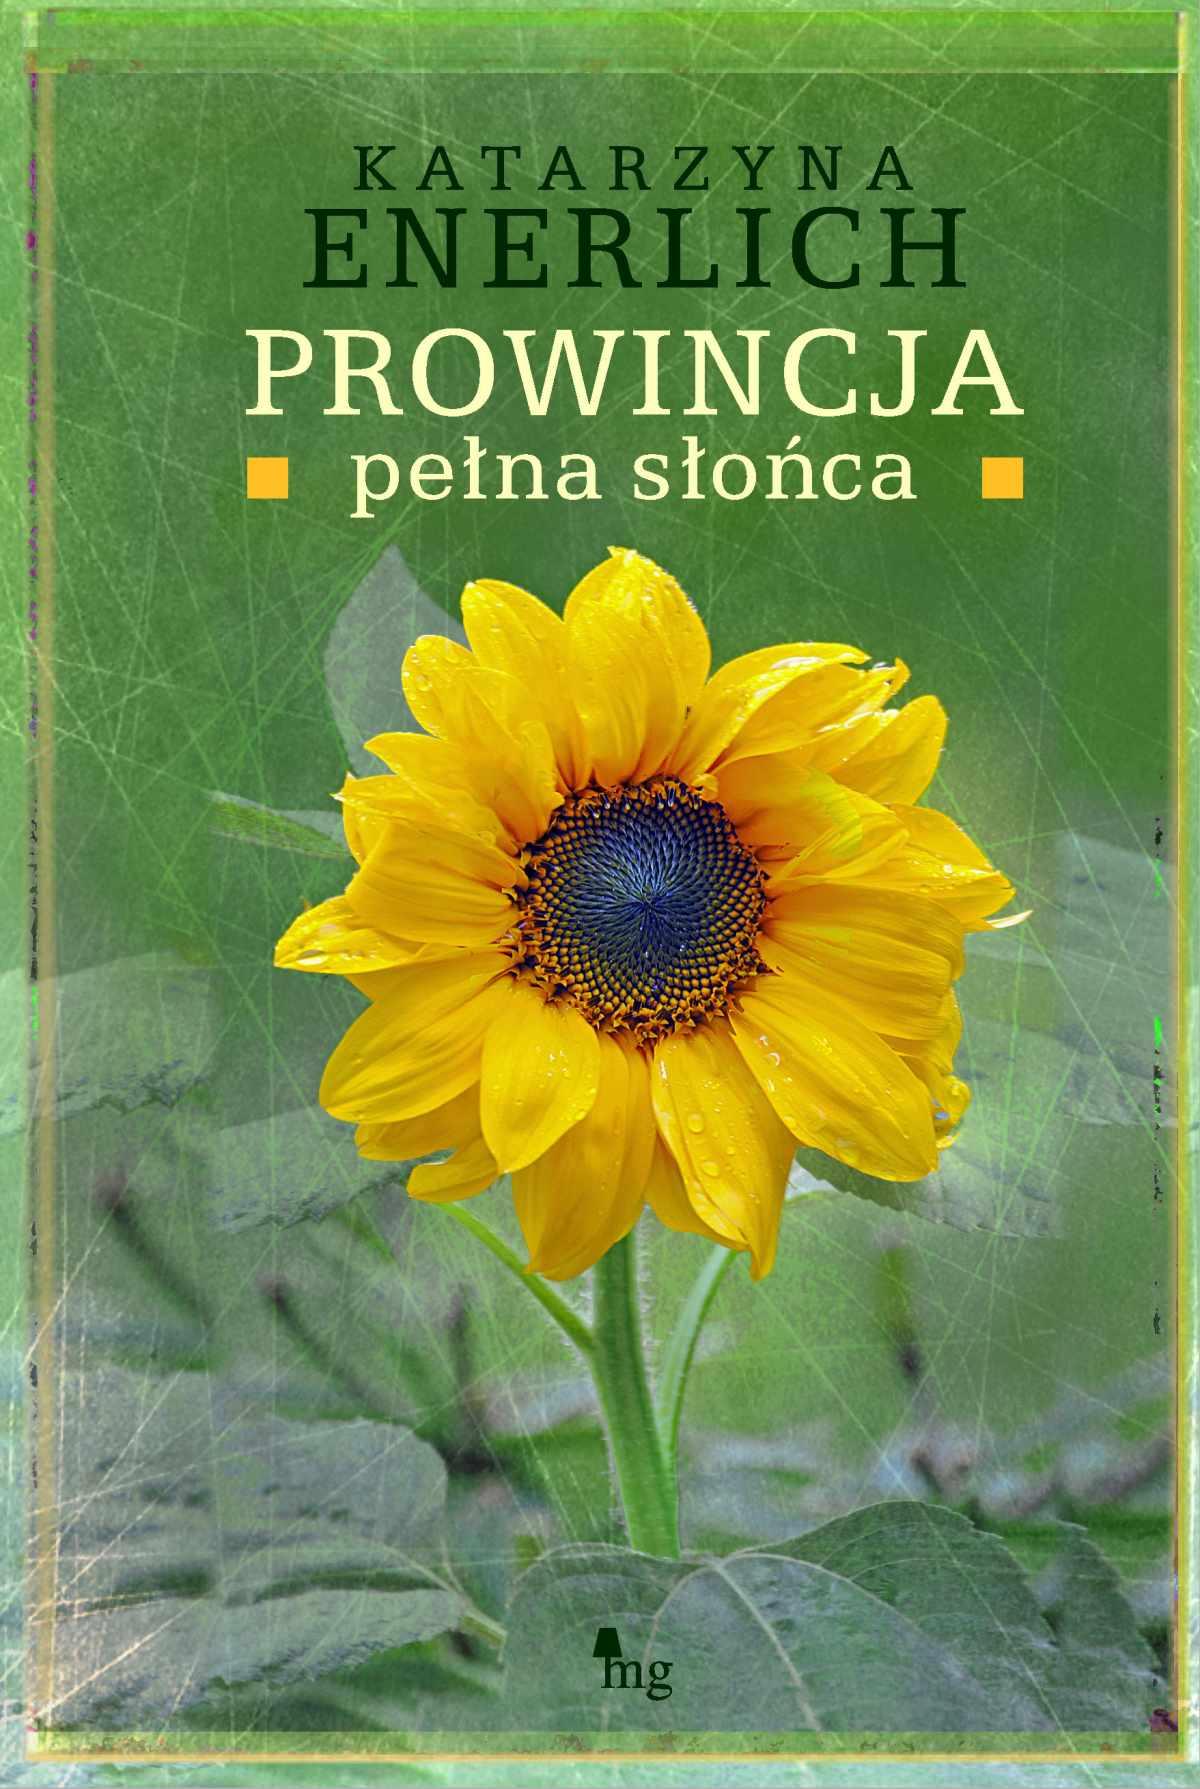 Prowincja pełna słońca - Ebook (Książka EPUB) do pobrania w formacie EPUB